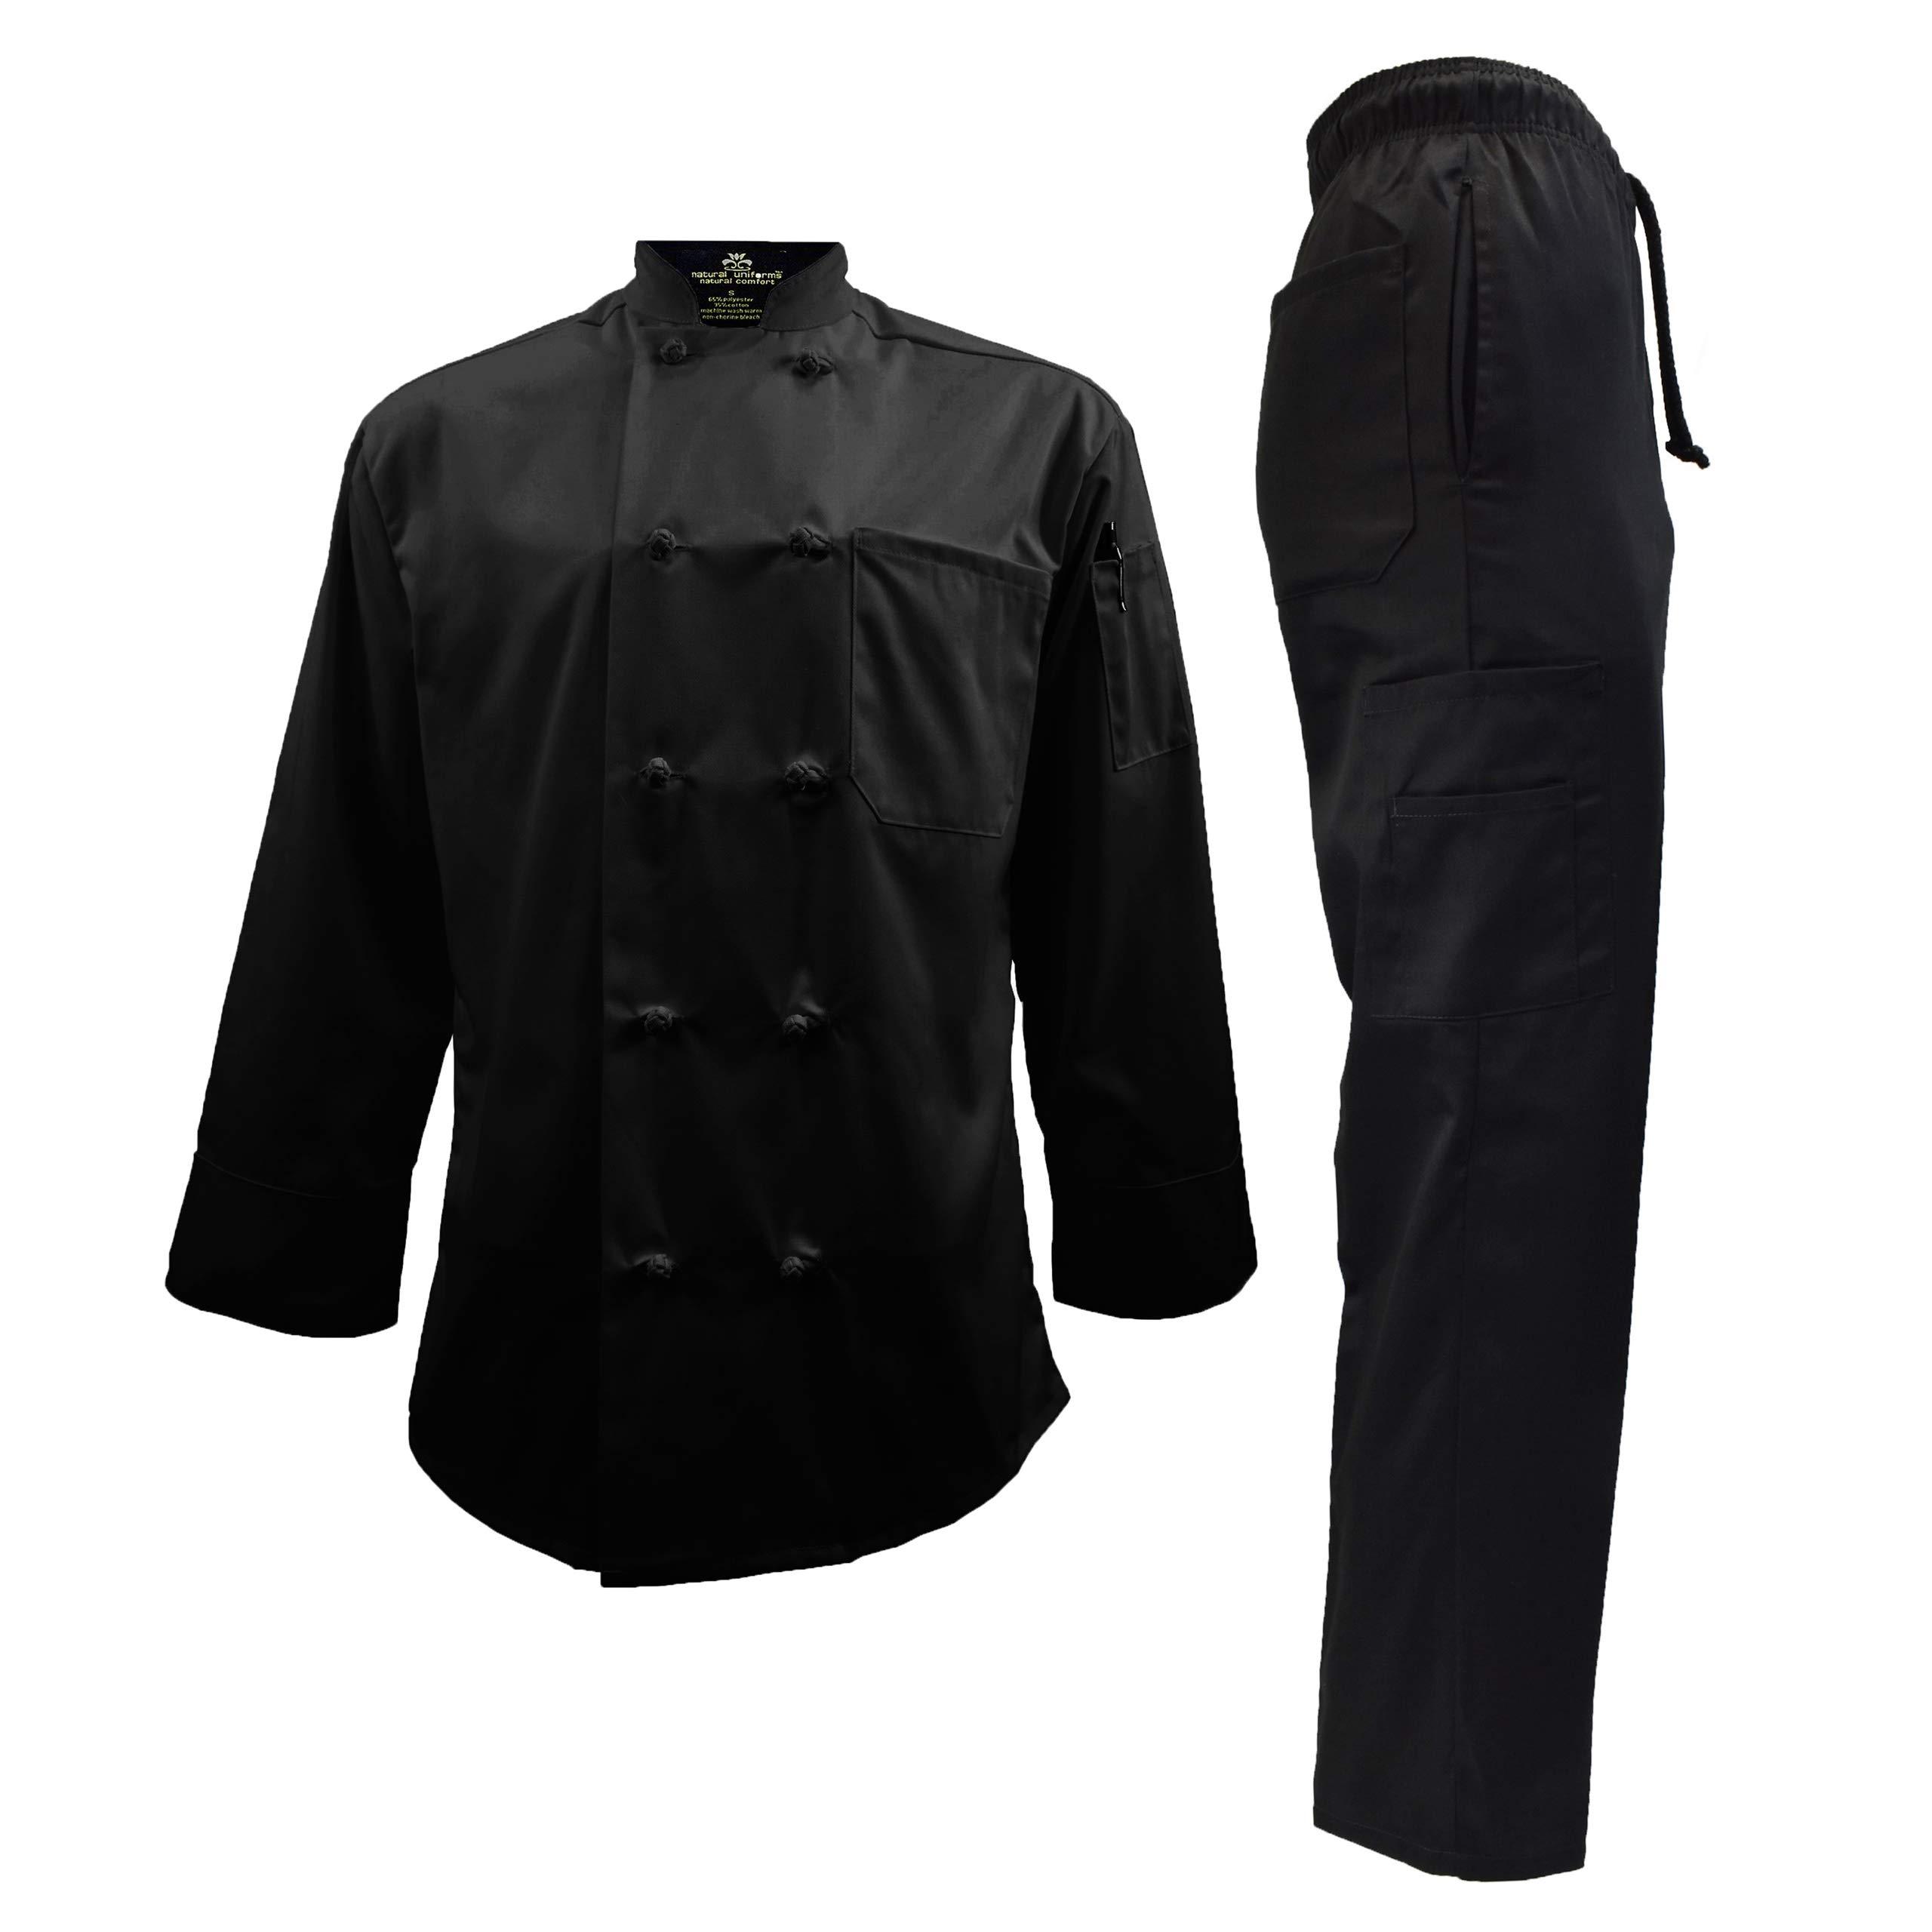 Chef Uniform Set - Chef Coat and Pants (XXXX-Large, Black Coat/Black Pants) by Natural Uniforms